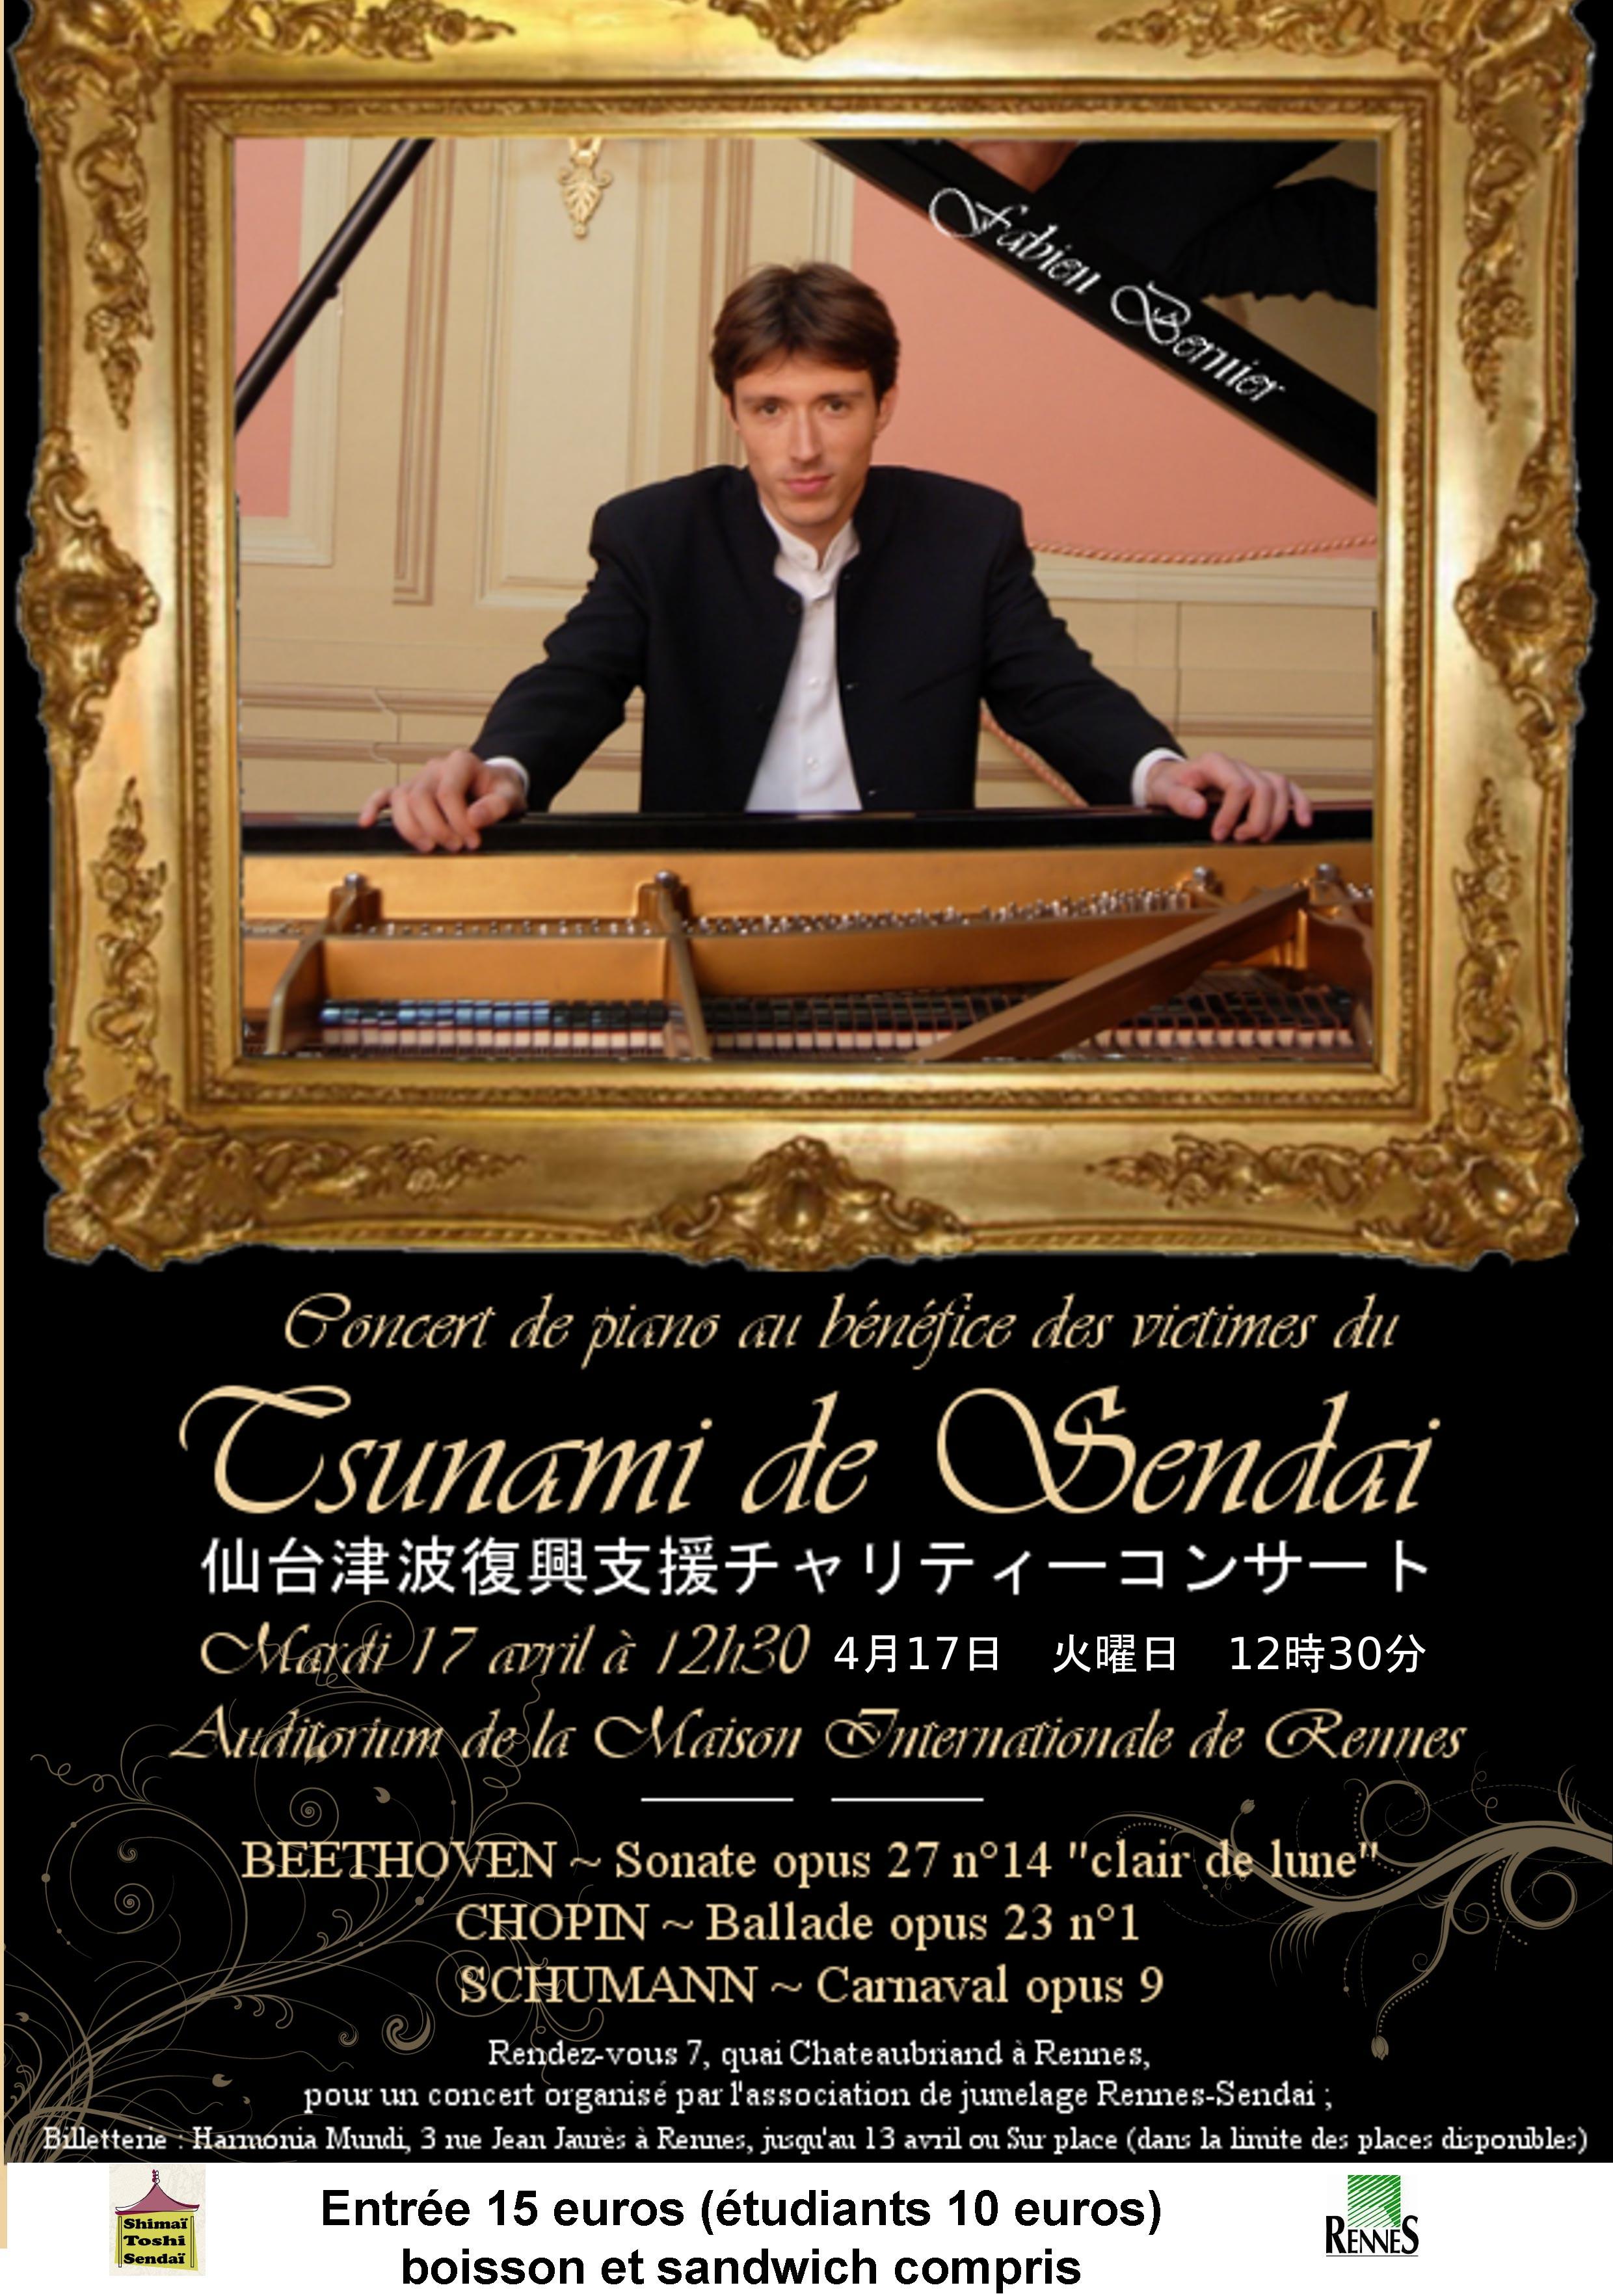 Concert de piano au bénéfice des victimes du Tsunami de Sendai,  le 17 avril à 12 h 30 (Auditorium de la MIR)